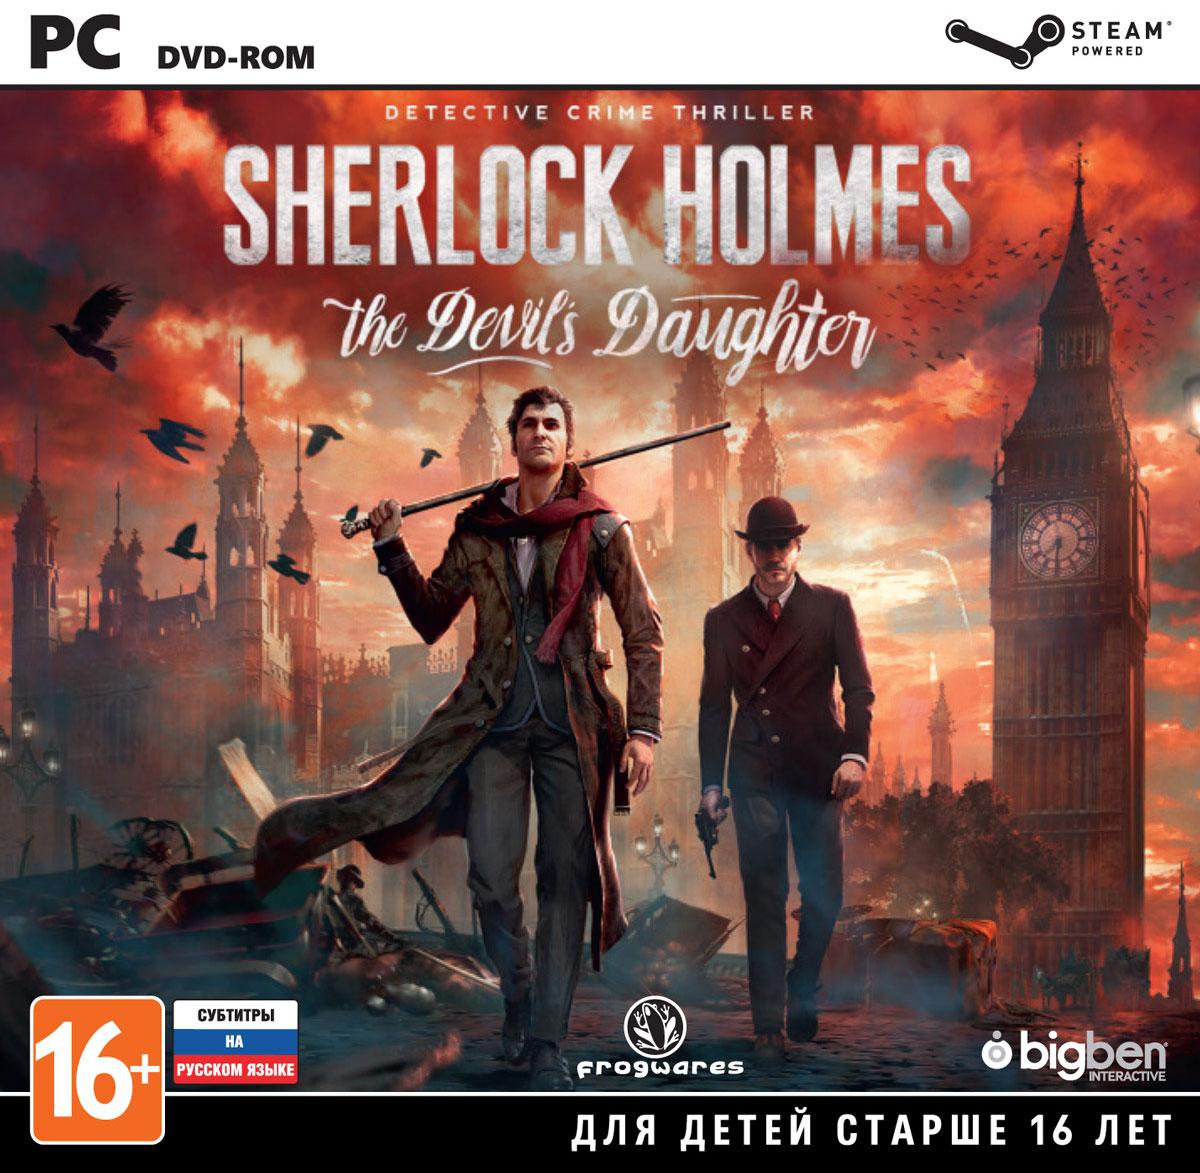 Sherlock Holmes: The Devil's Daughter sherlock holmes the devil s daughter игра для pc